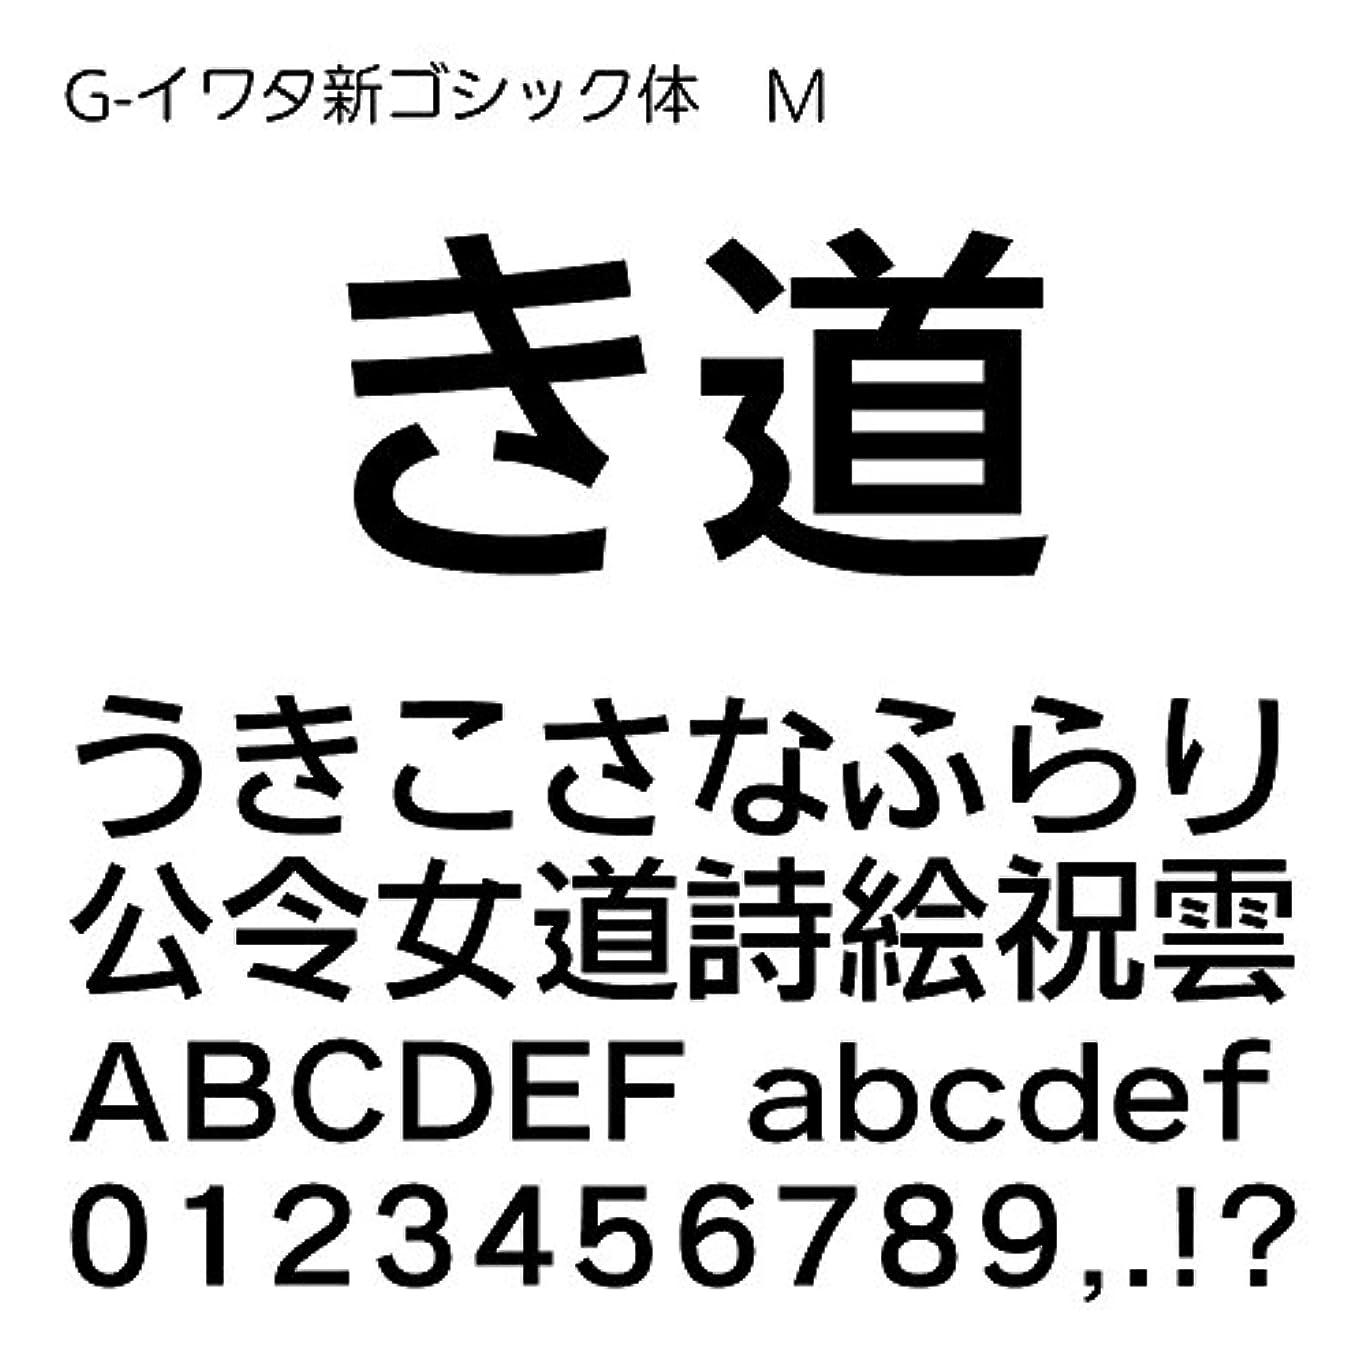 G-イワタ新ゴシック体M Pro OpenType Font for Windows [ダウンロード]